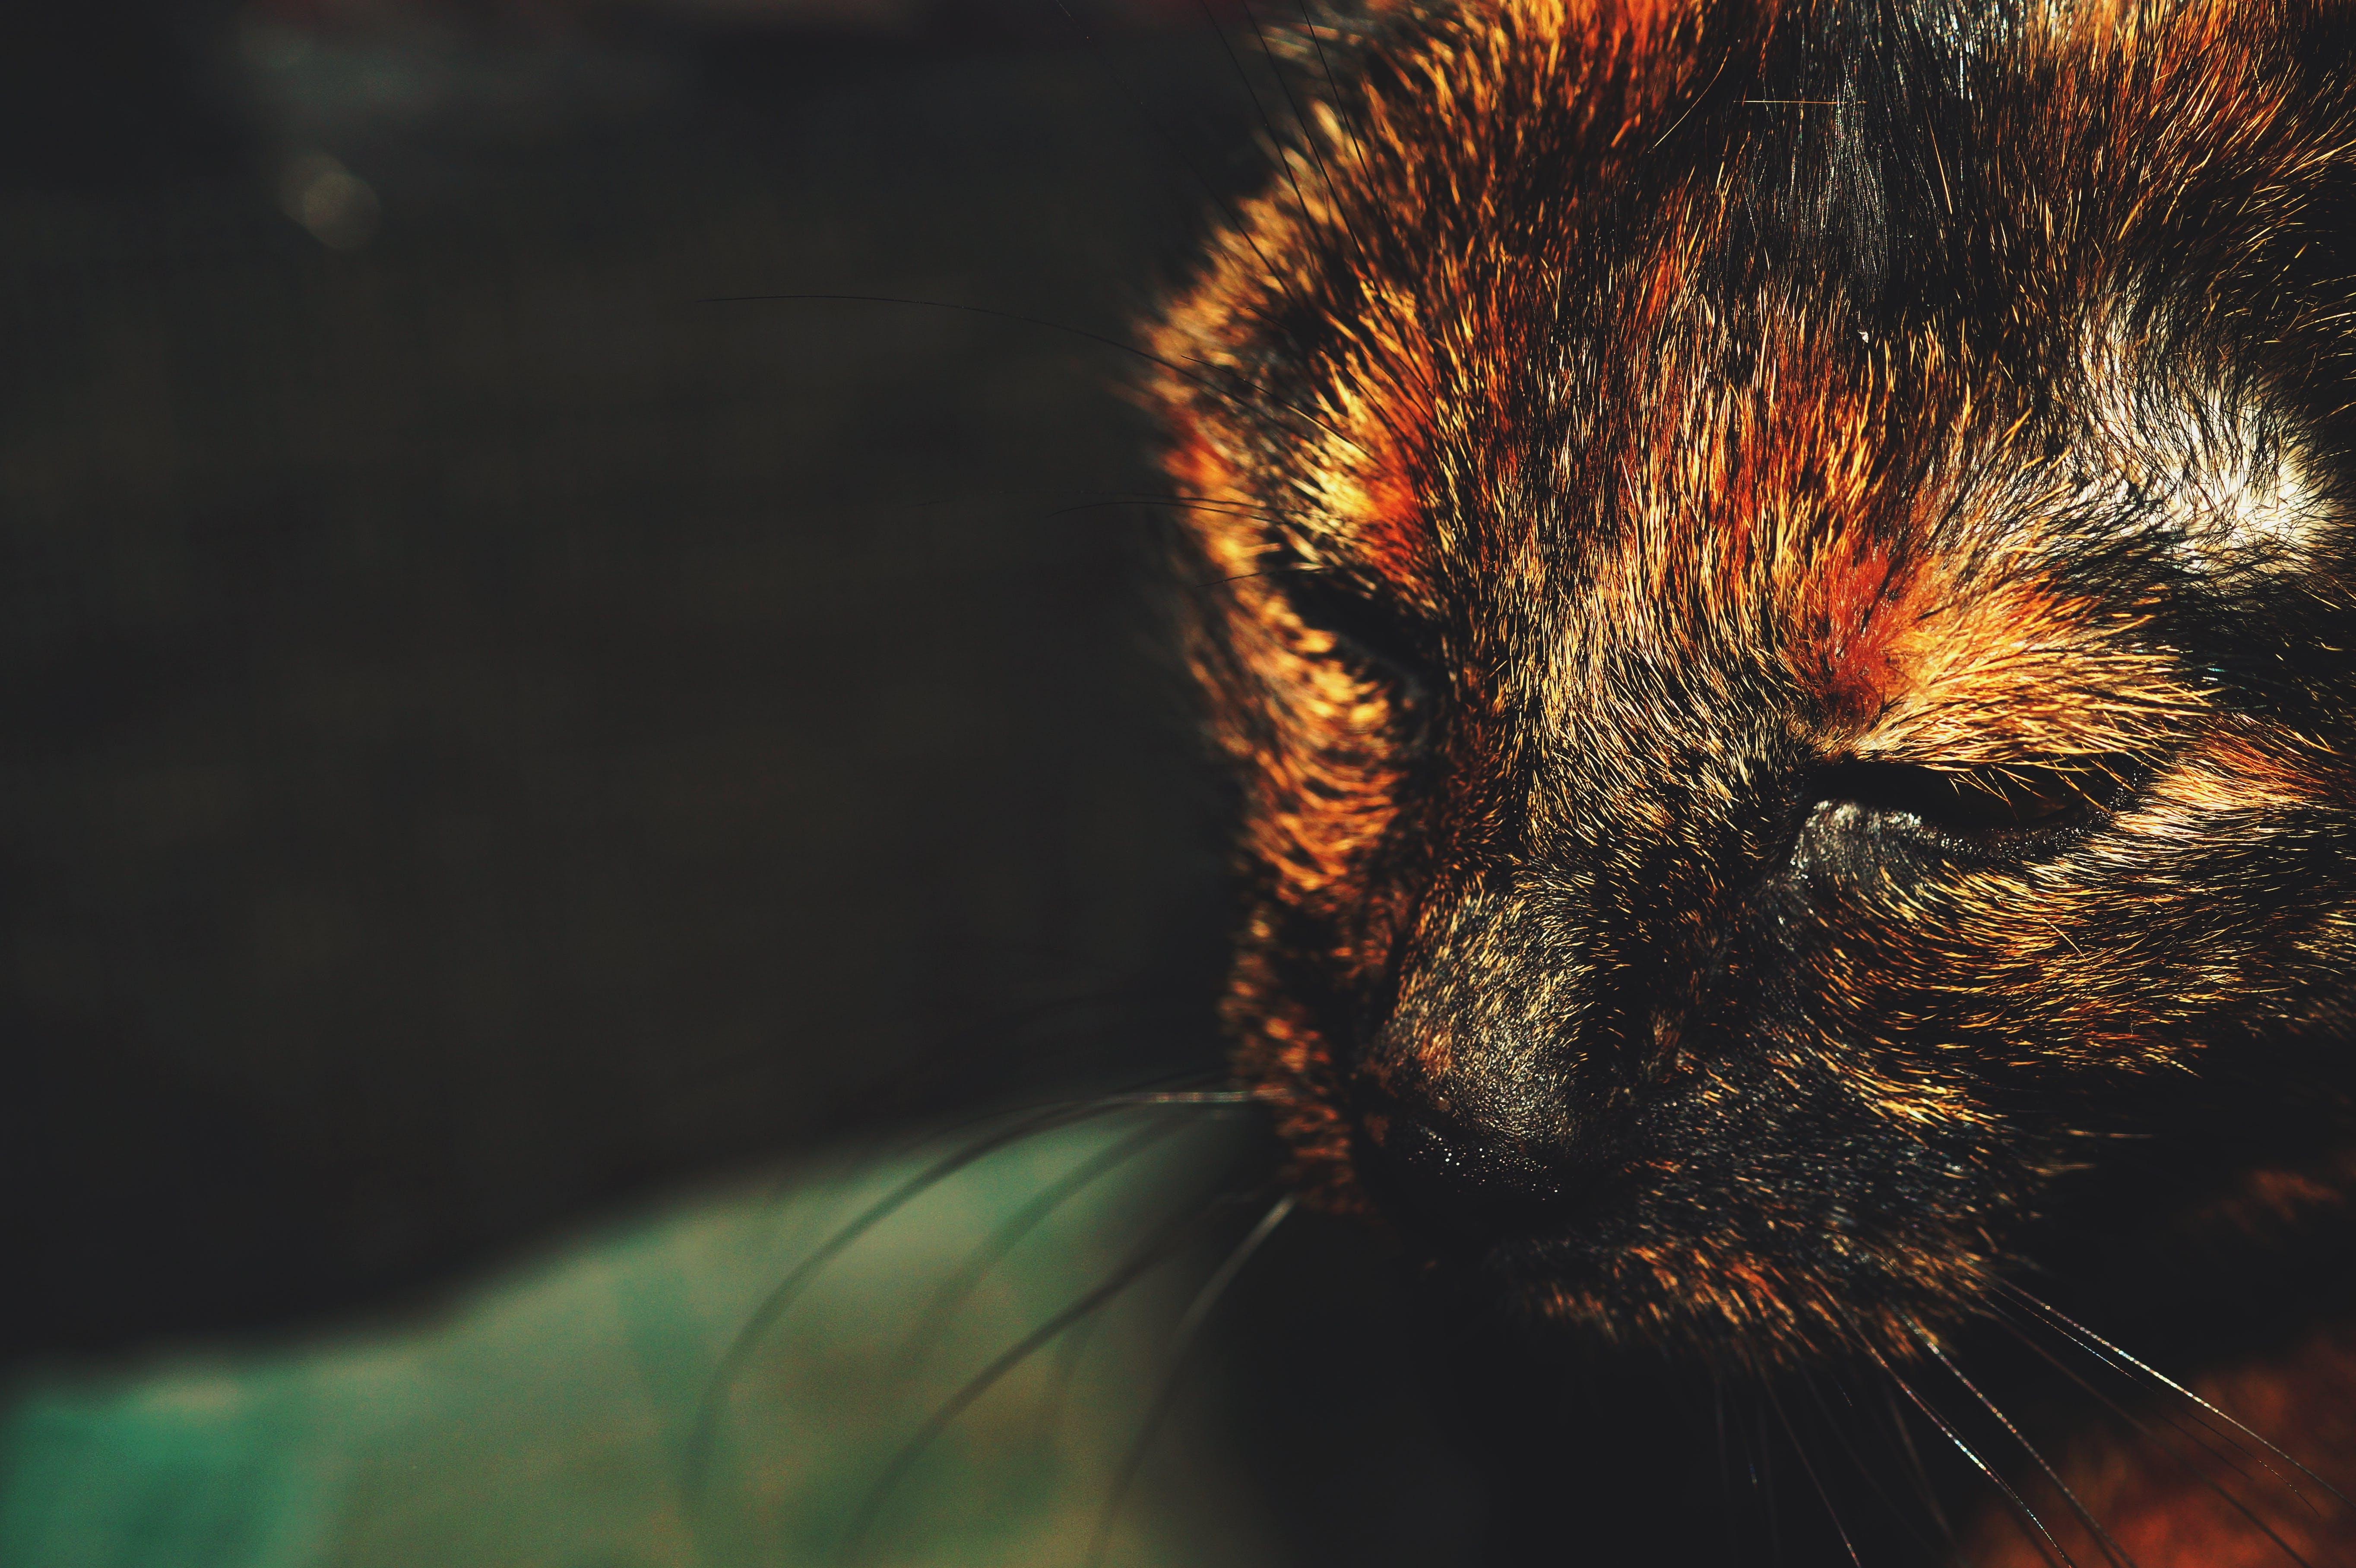 animal, blur, cat